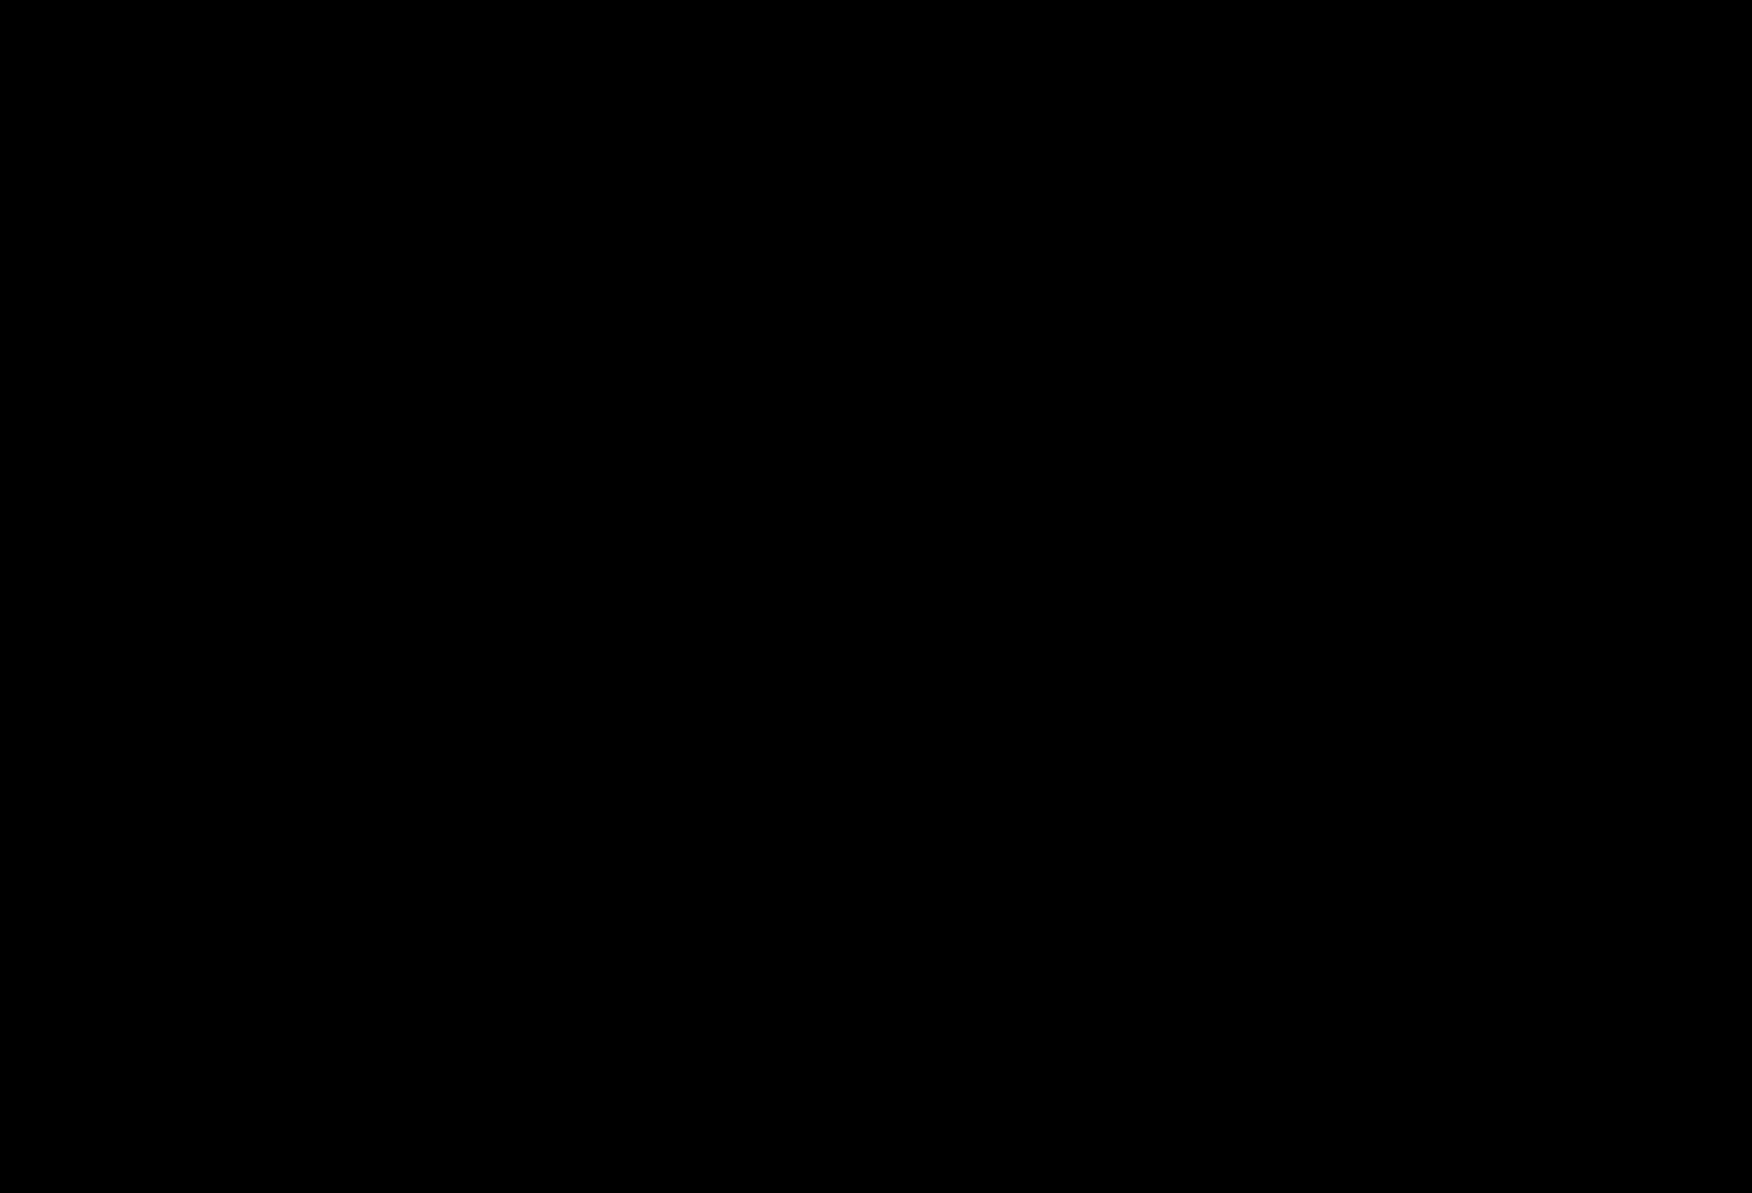 File Princess Symbol Svg Svg Naruto Fanon Wiki Fandom Clipart Full Size Clipart 2620668 Pinclipart